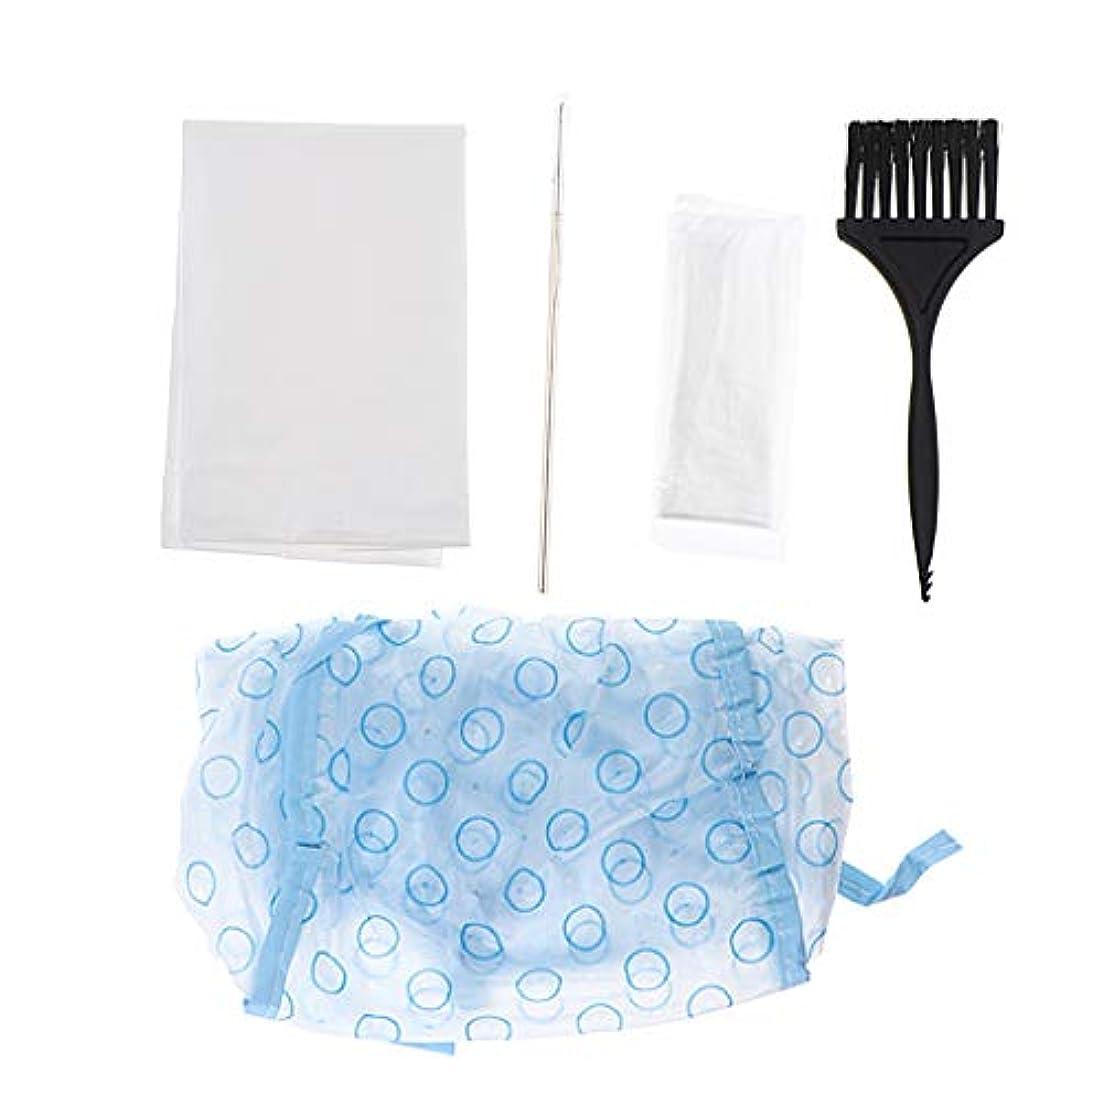 5本/セット使い捨てヘアカラー染めツールティントキャップクリップケープブラシ手袋